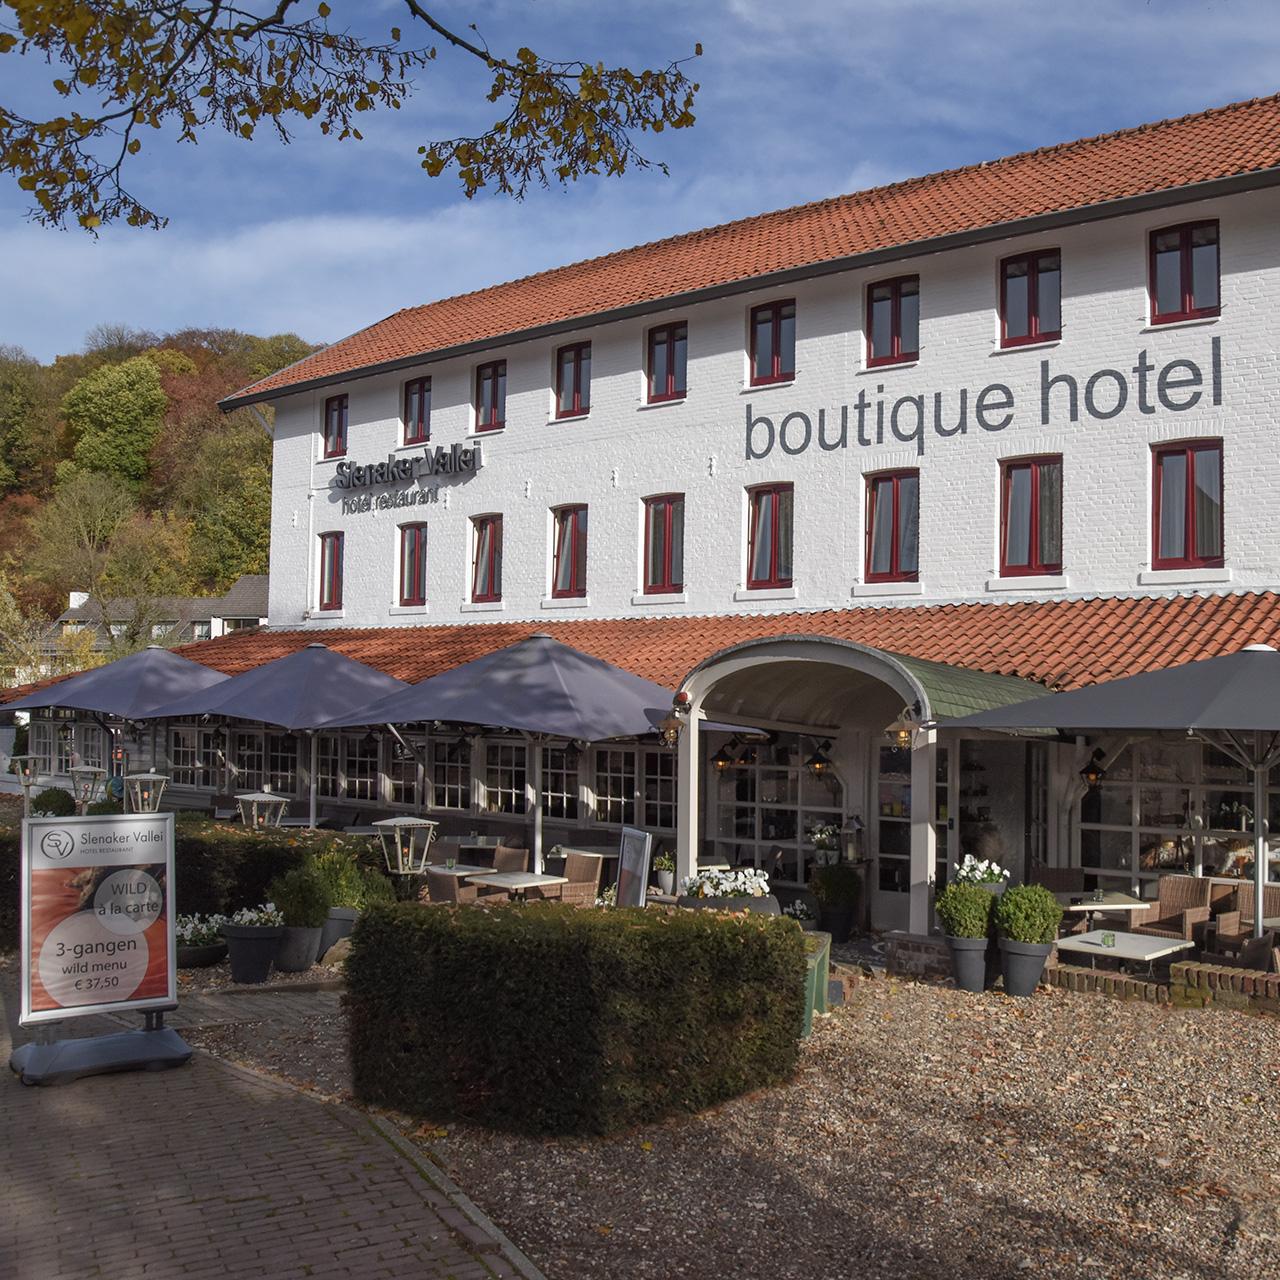 Hotel - Slenaker Vallei